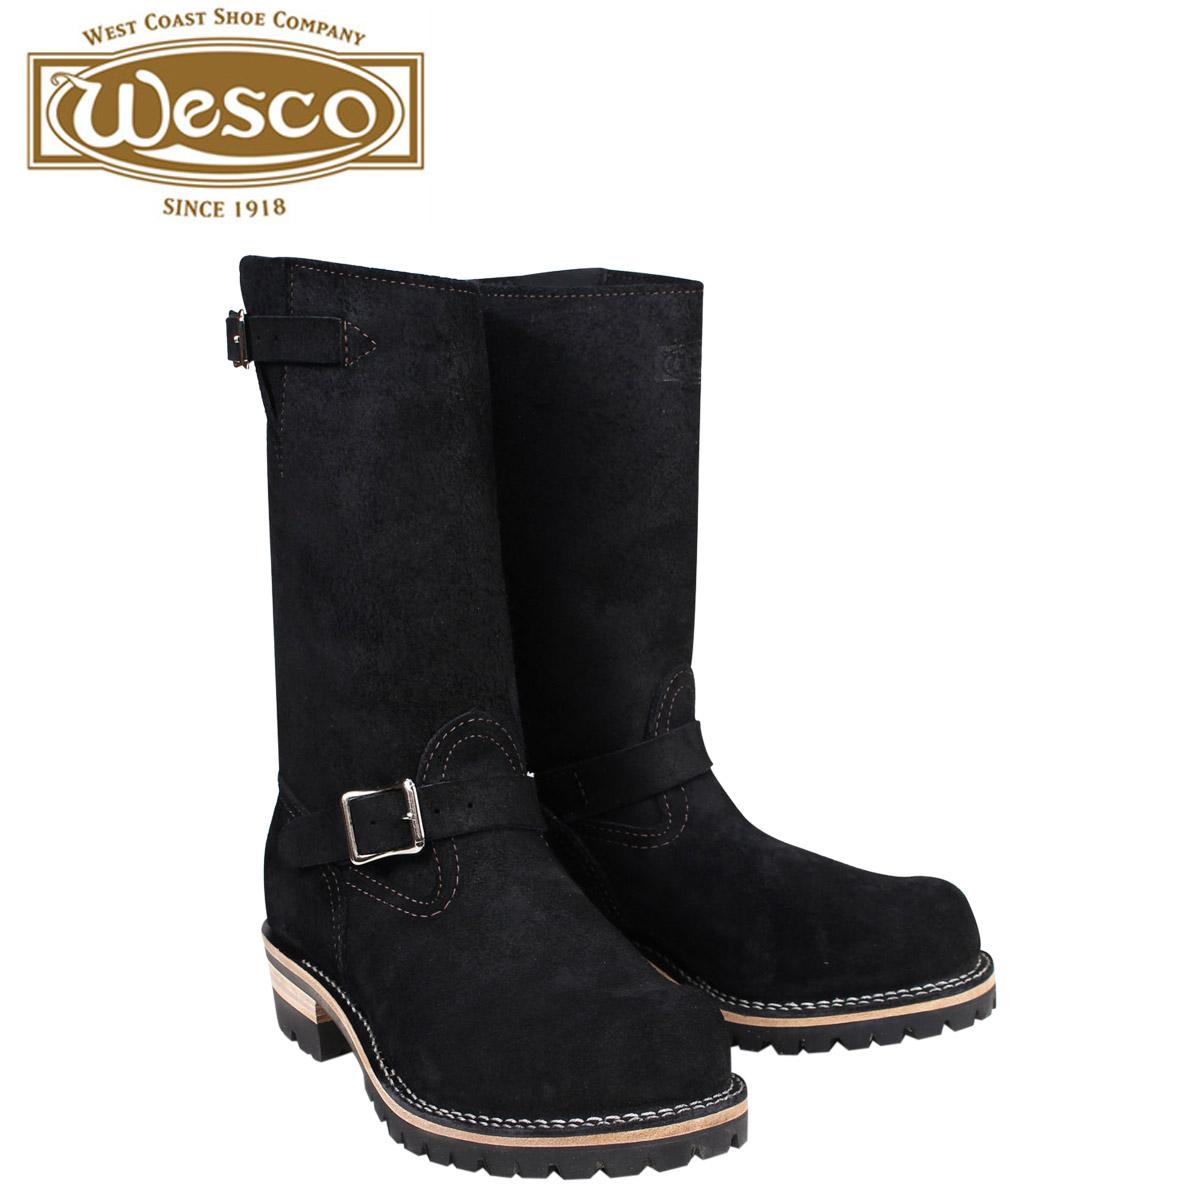 ウエスコ ウェスコ WESCO ボス Eワイズ ブラック ブーツ 11インチ エンジニア 11INCH BOSS Eワイズ スエード メンズ ブラック BK7700100 ウェスコ, DIY木材センター:0f855313 --- ww.thecollagist.com